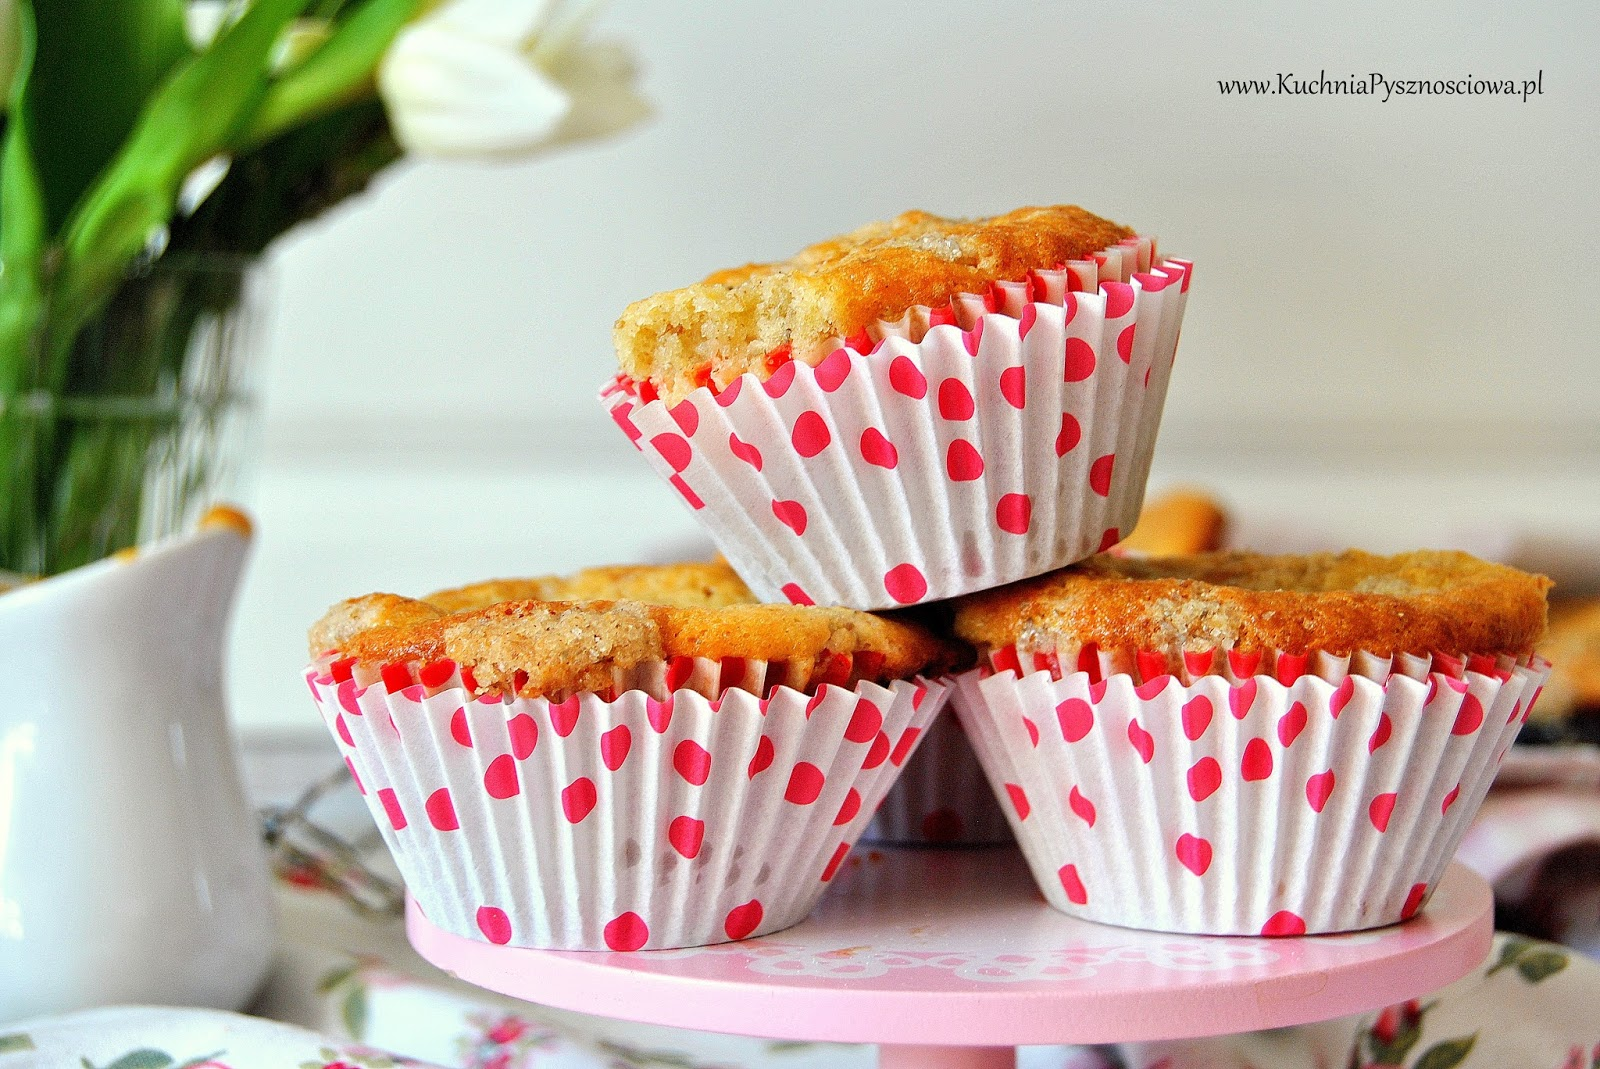 597. Muffiny z rabarbarem i kajmakiem